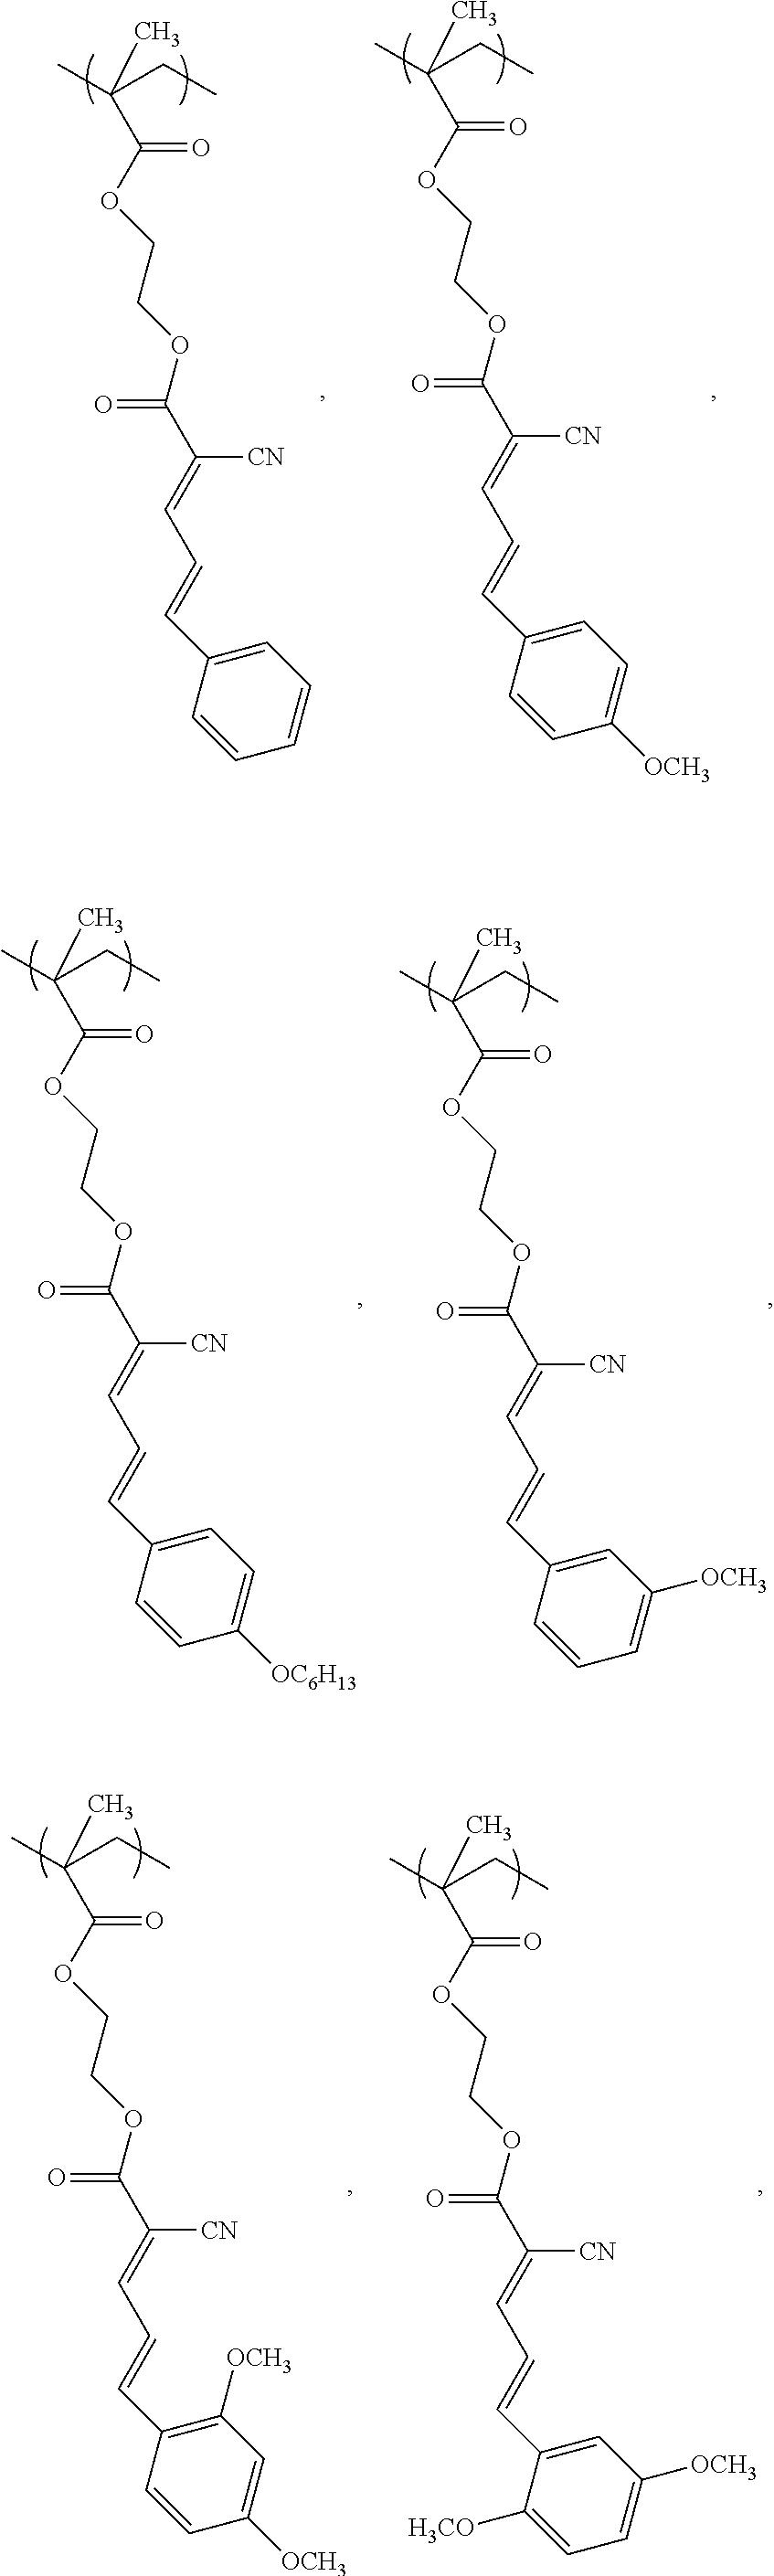 Figure US08878169-20141104-C00016